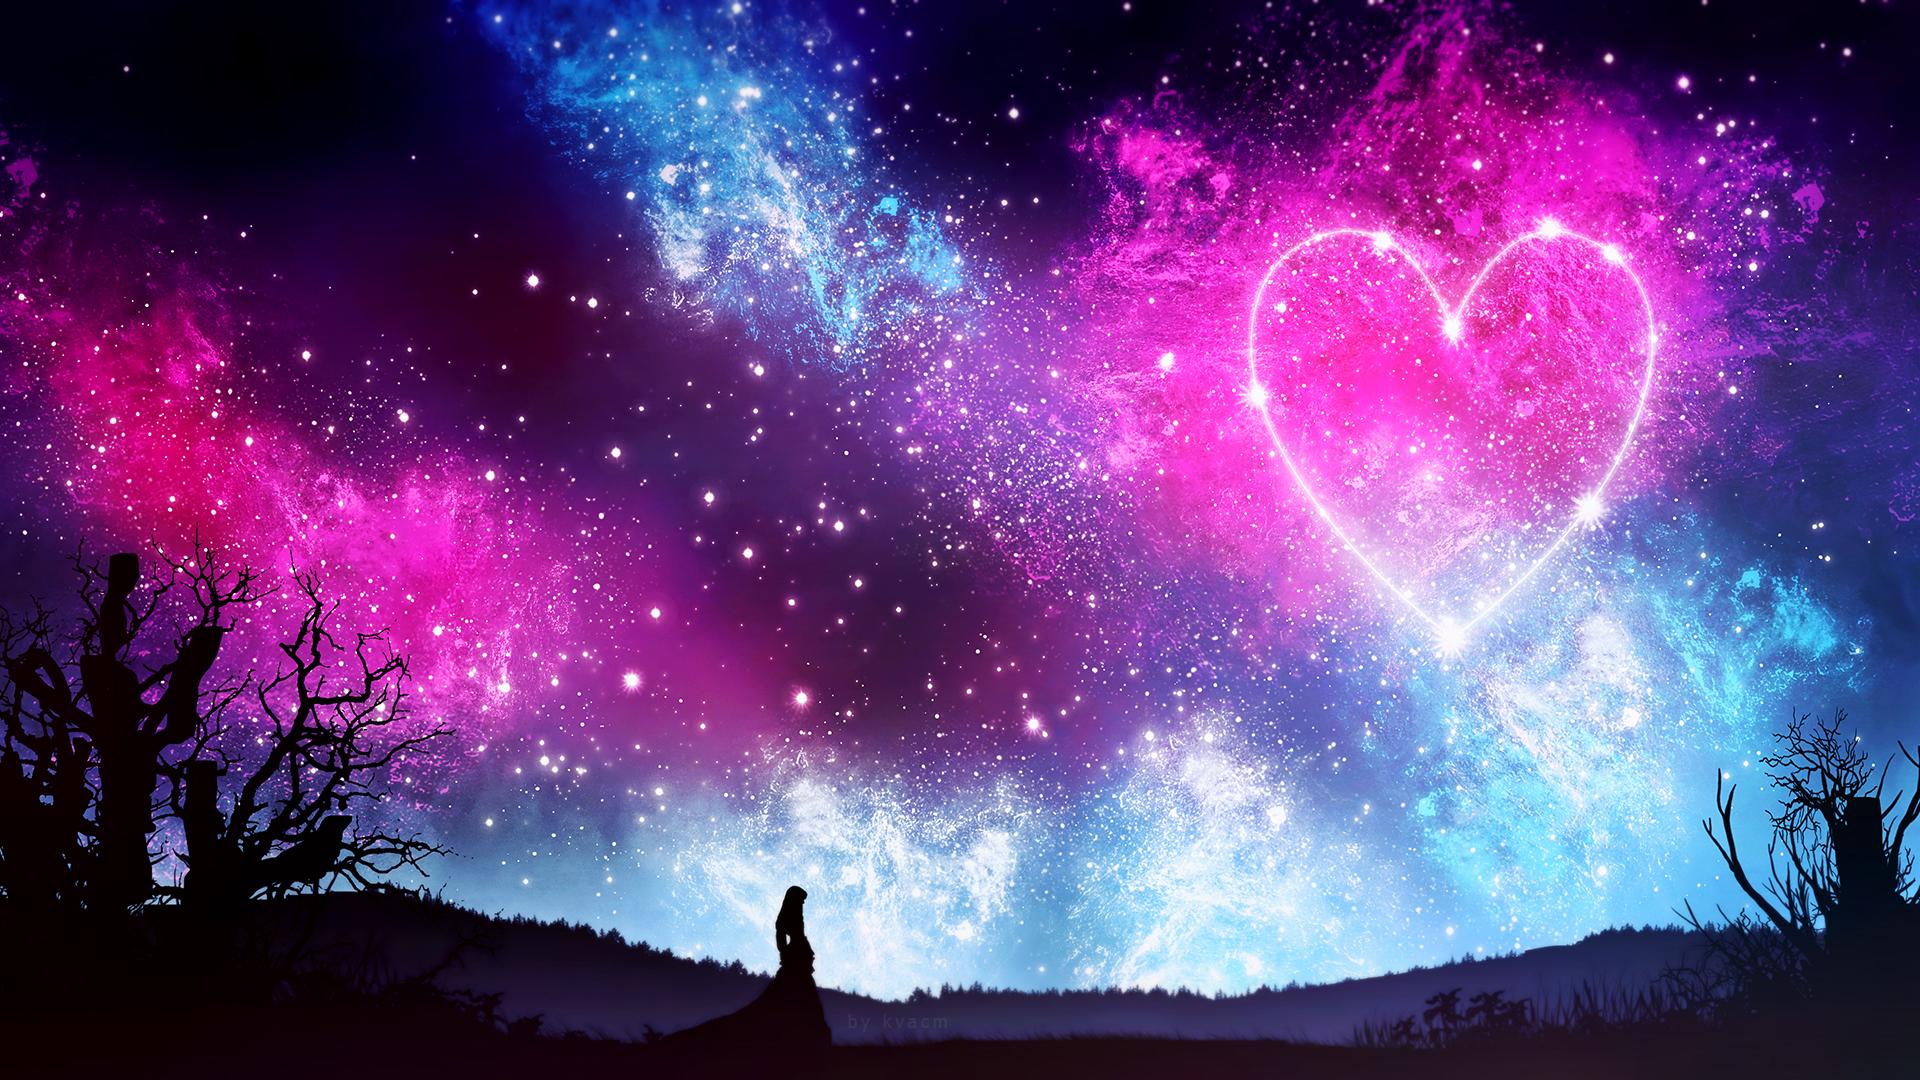 Любовный сон обои скачать